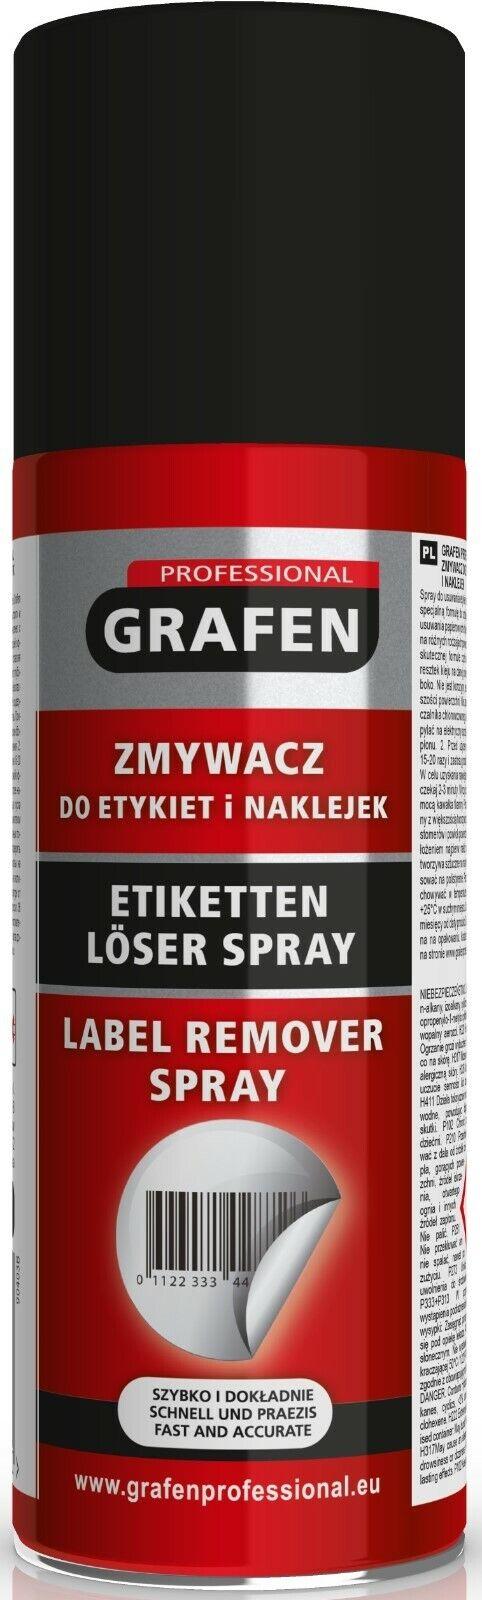 2x Grafen Klebstoffentferner Spray Kleberentferner Etikettenlöser 200ml